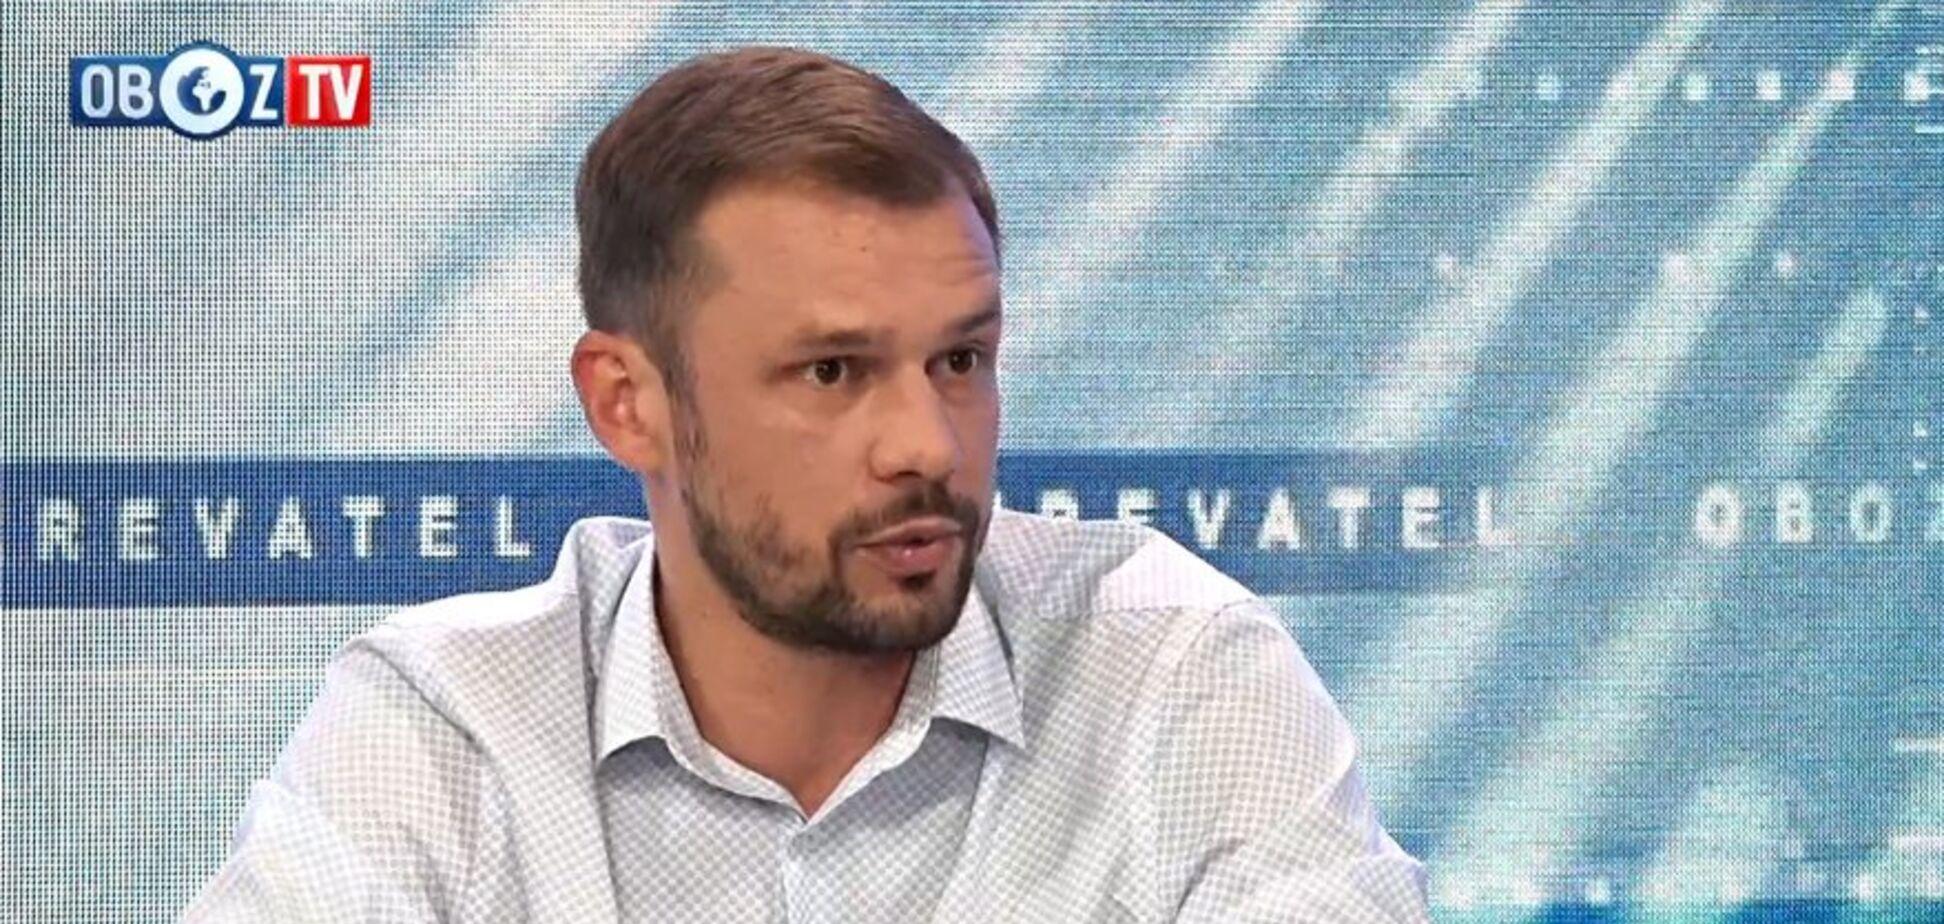 Реформа образования: эксперт рассказал, как разрушить ''феодализм'' ректоров вузов